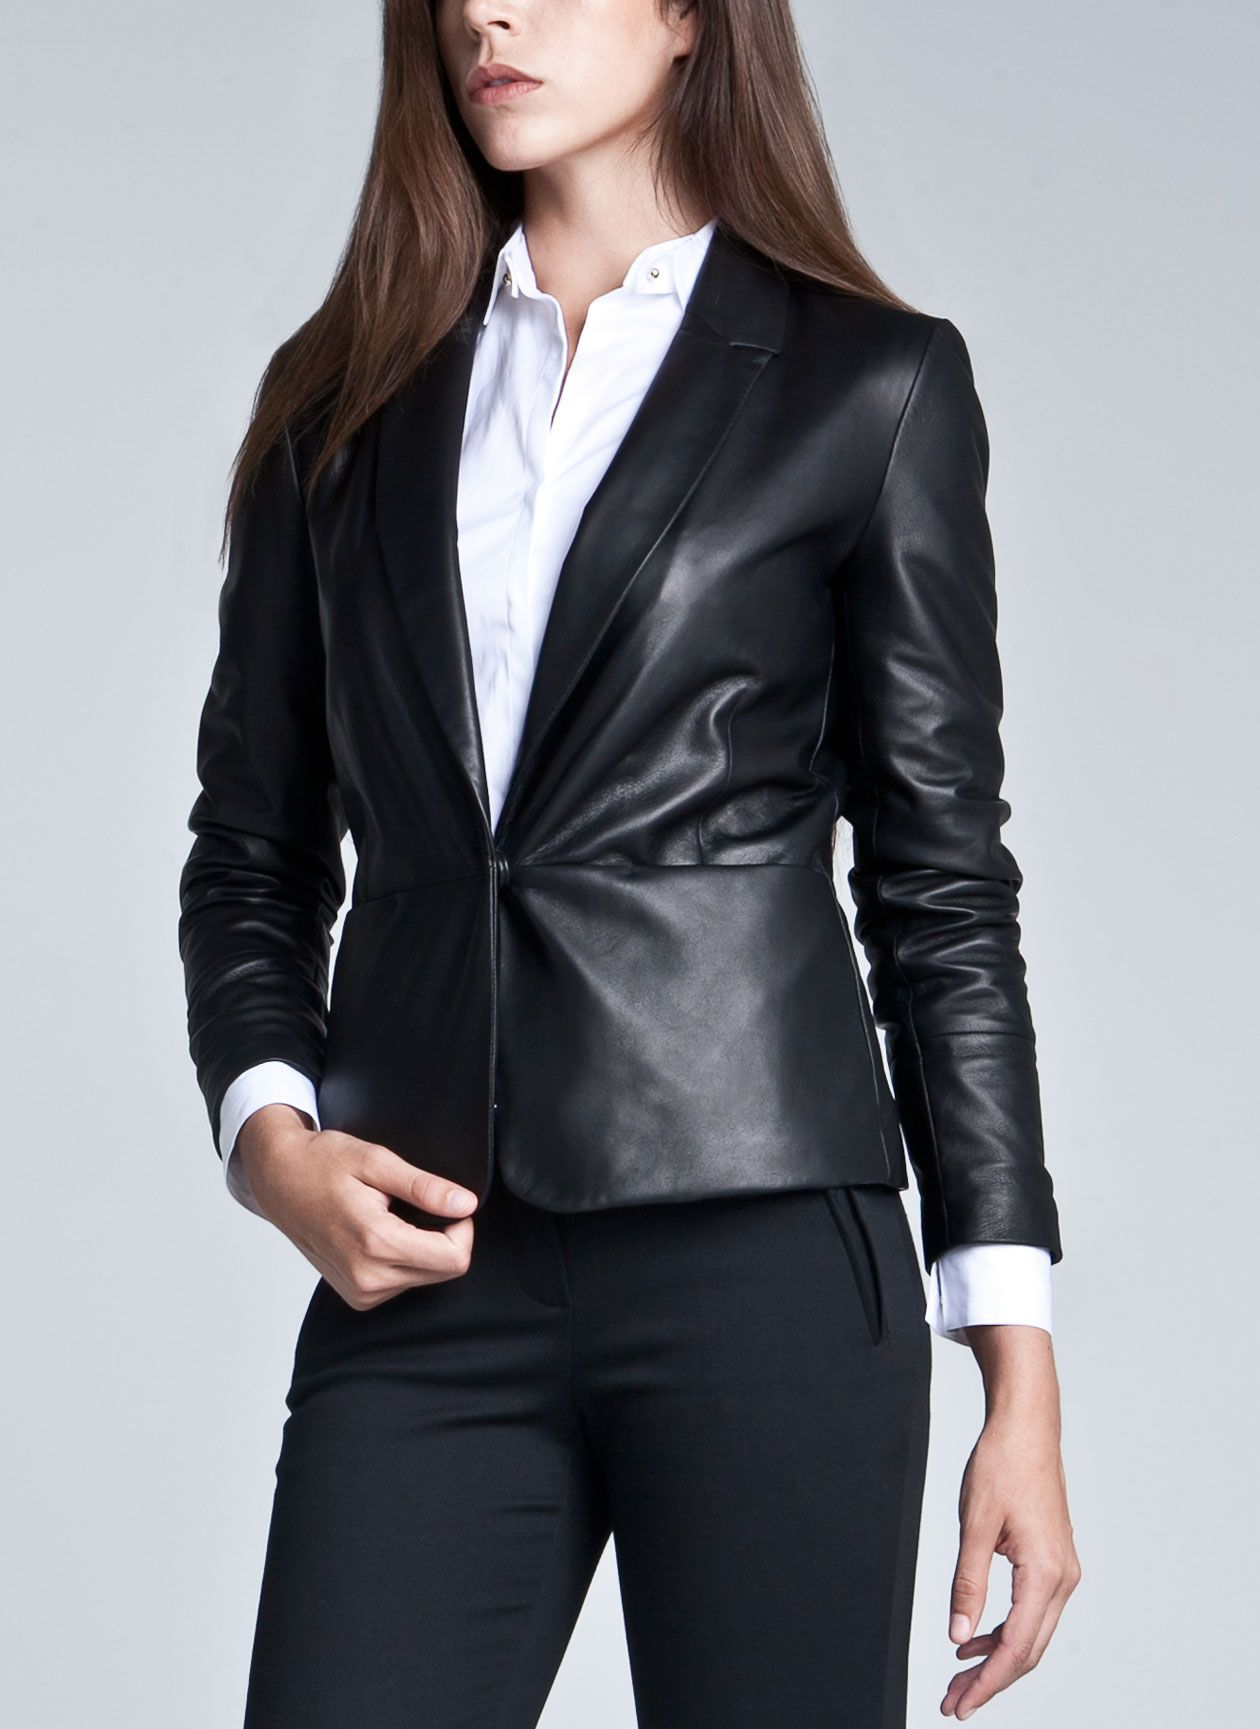 womensleatherblazer8.jpg (1260×1729) Leather blazer